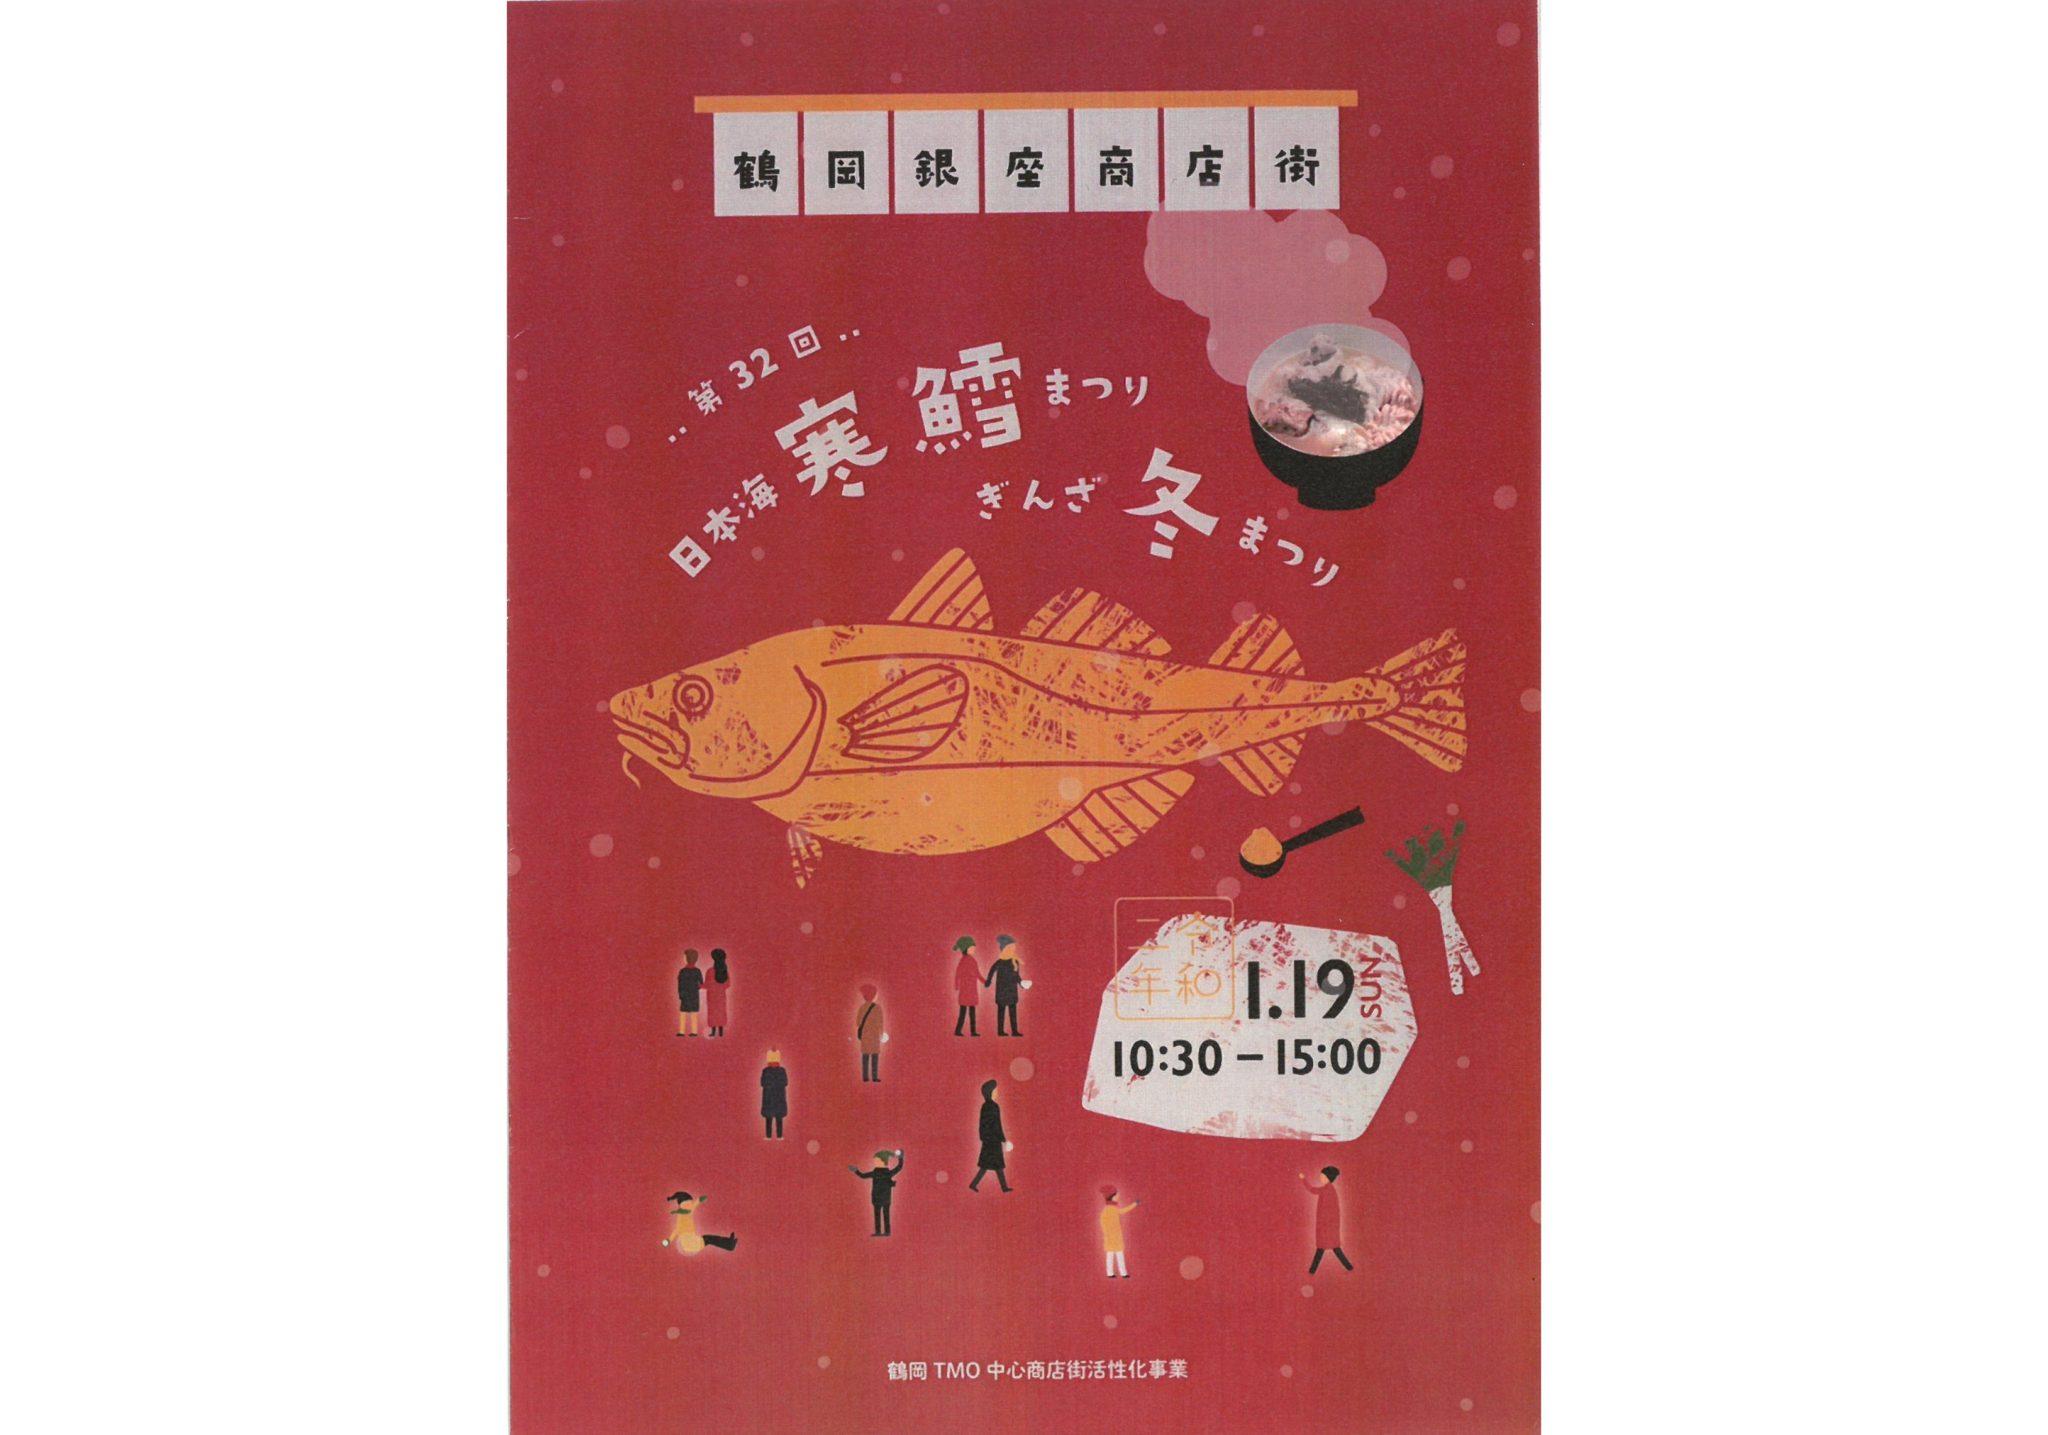 第32回日本海寒鱈まつり(鶴岡銀座商店街)